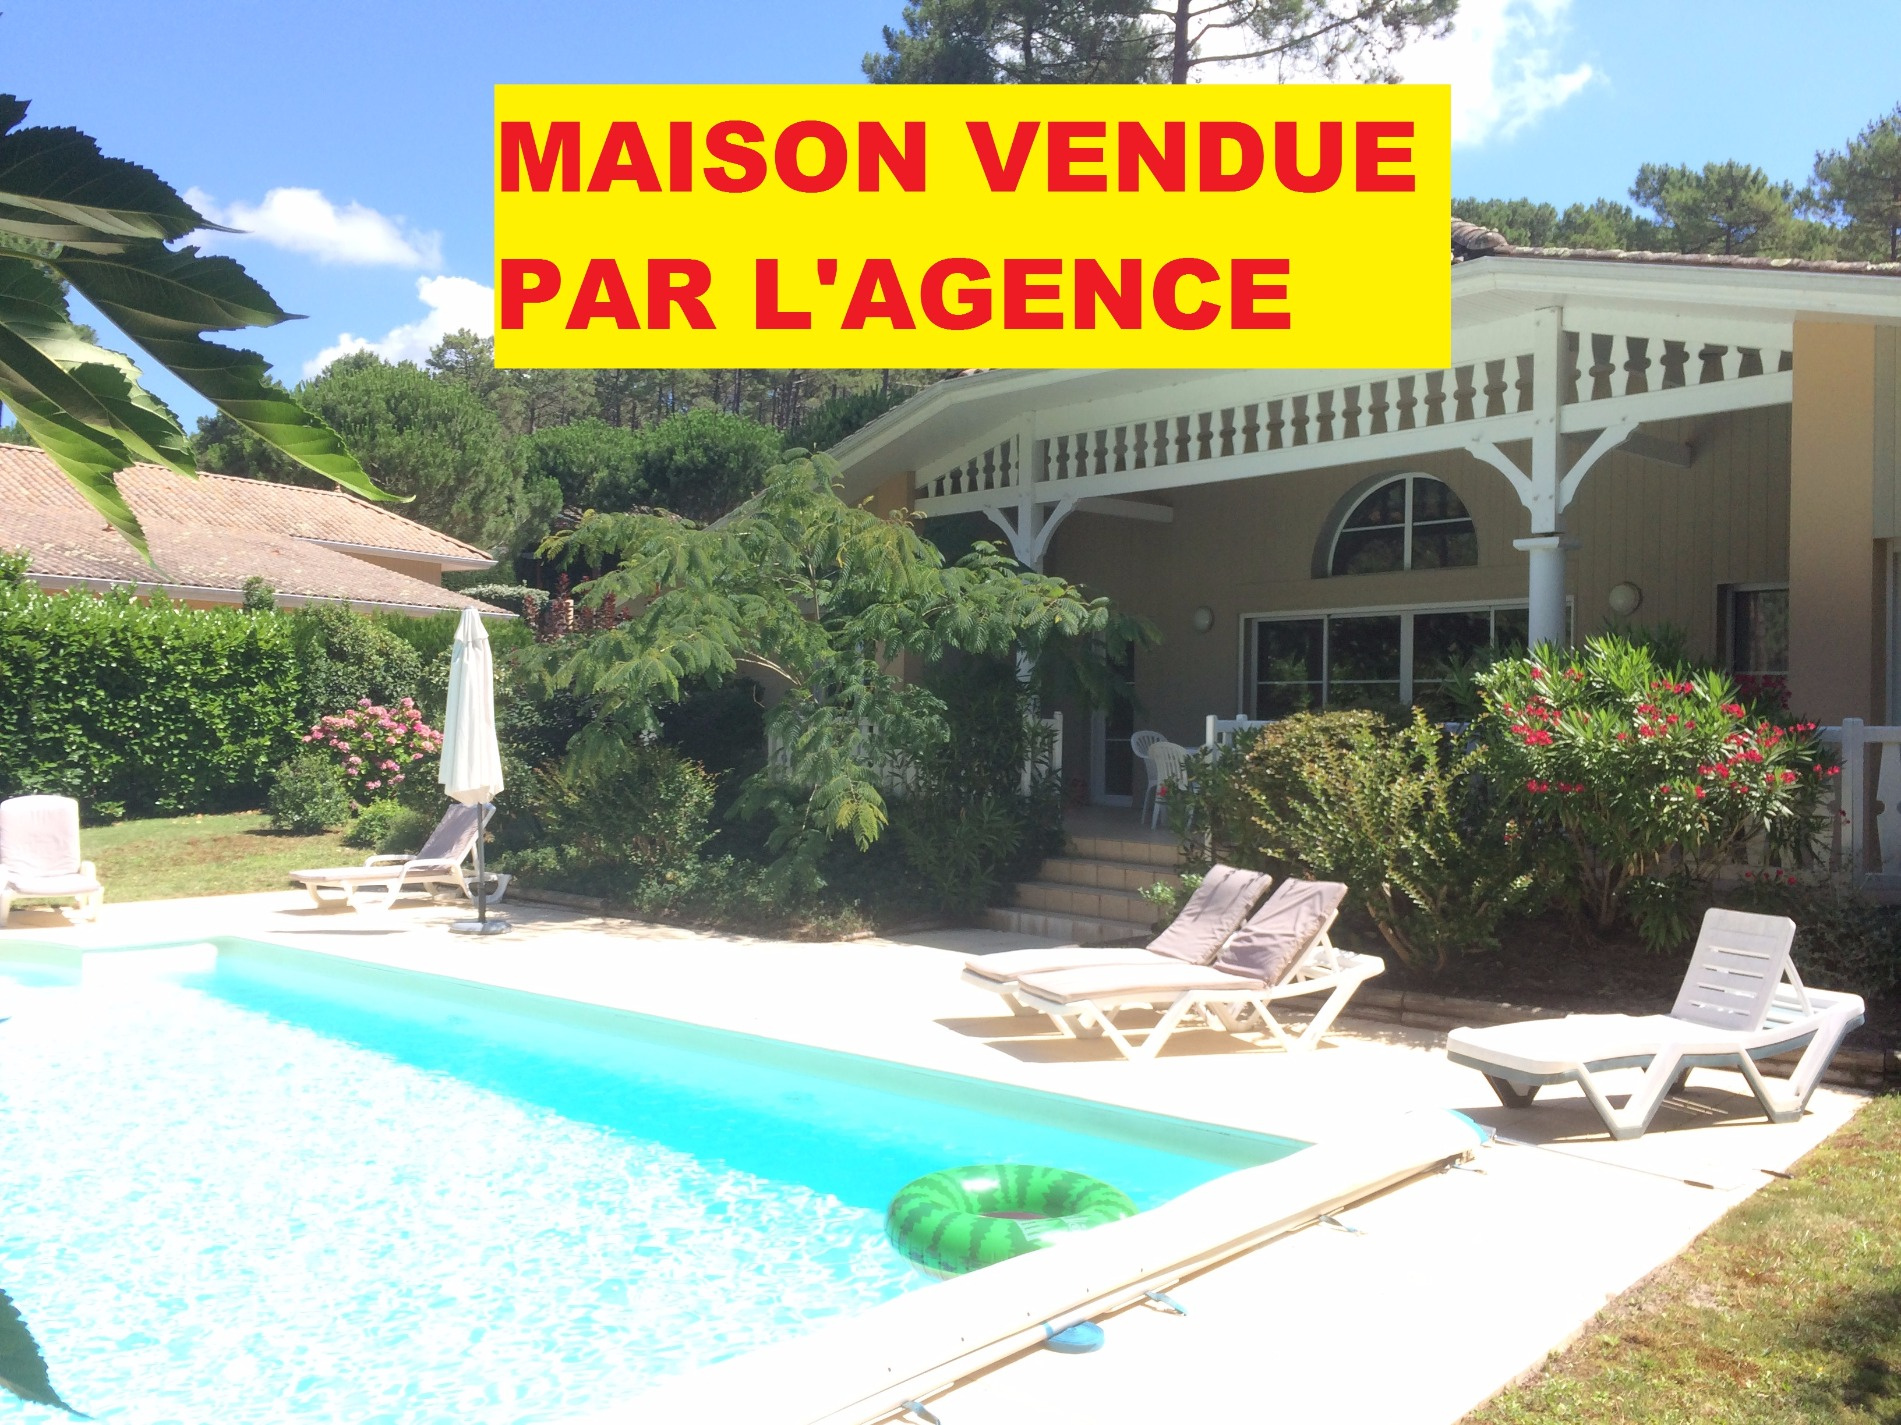 Vente sous compromis de vente maison atlantique green lacanau ocean - Compromis de vente garage ...